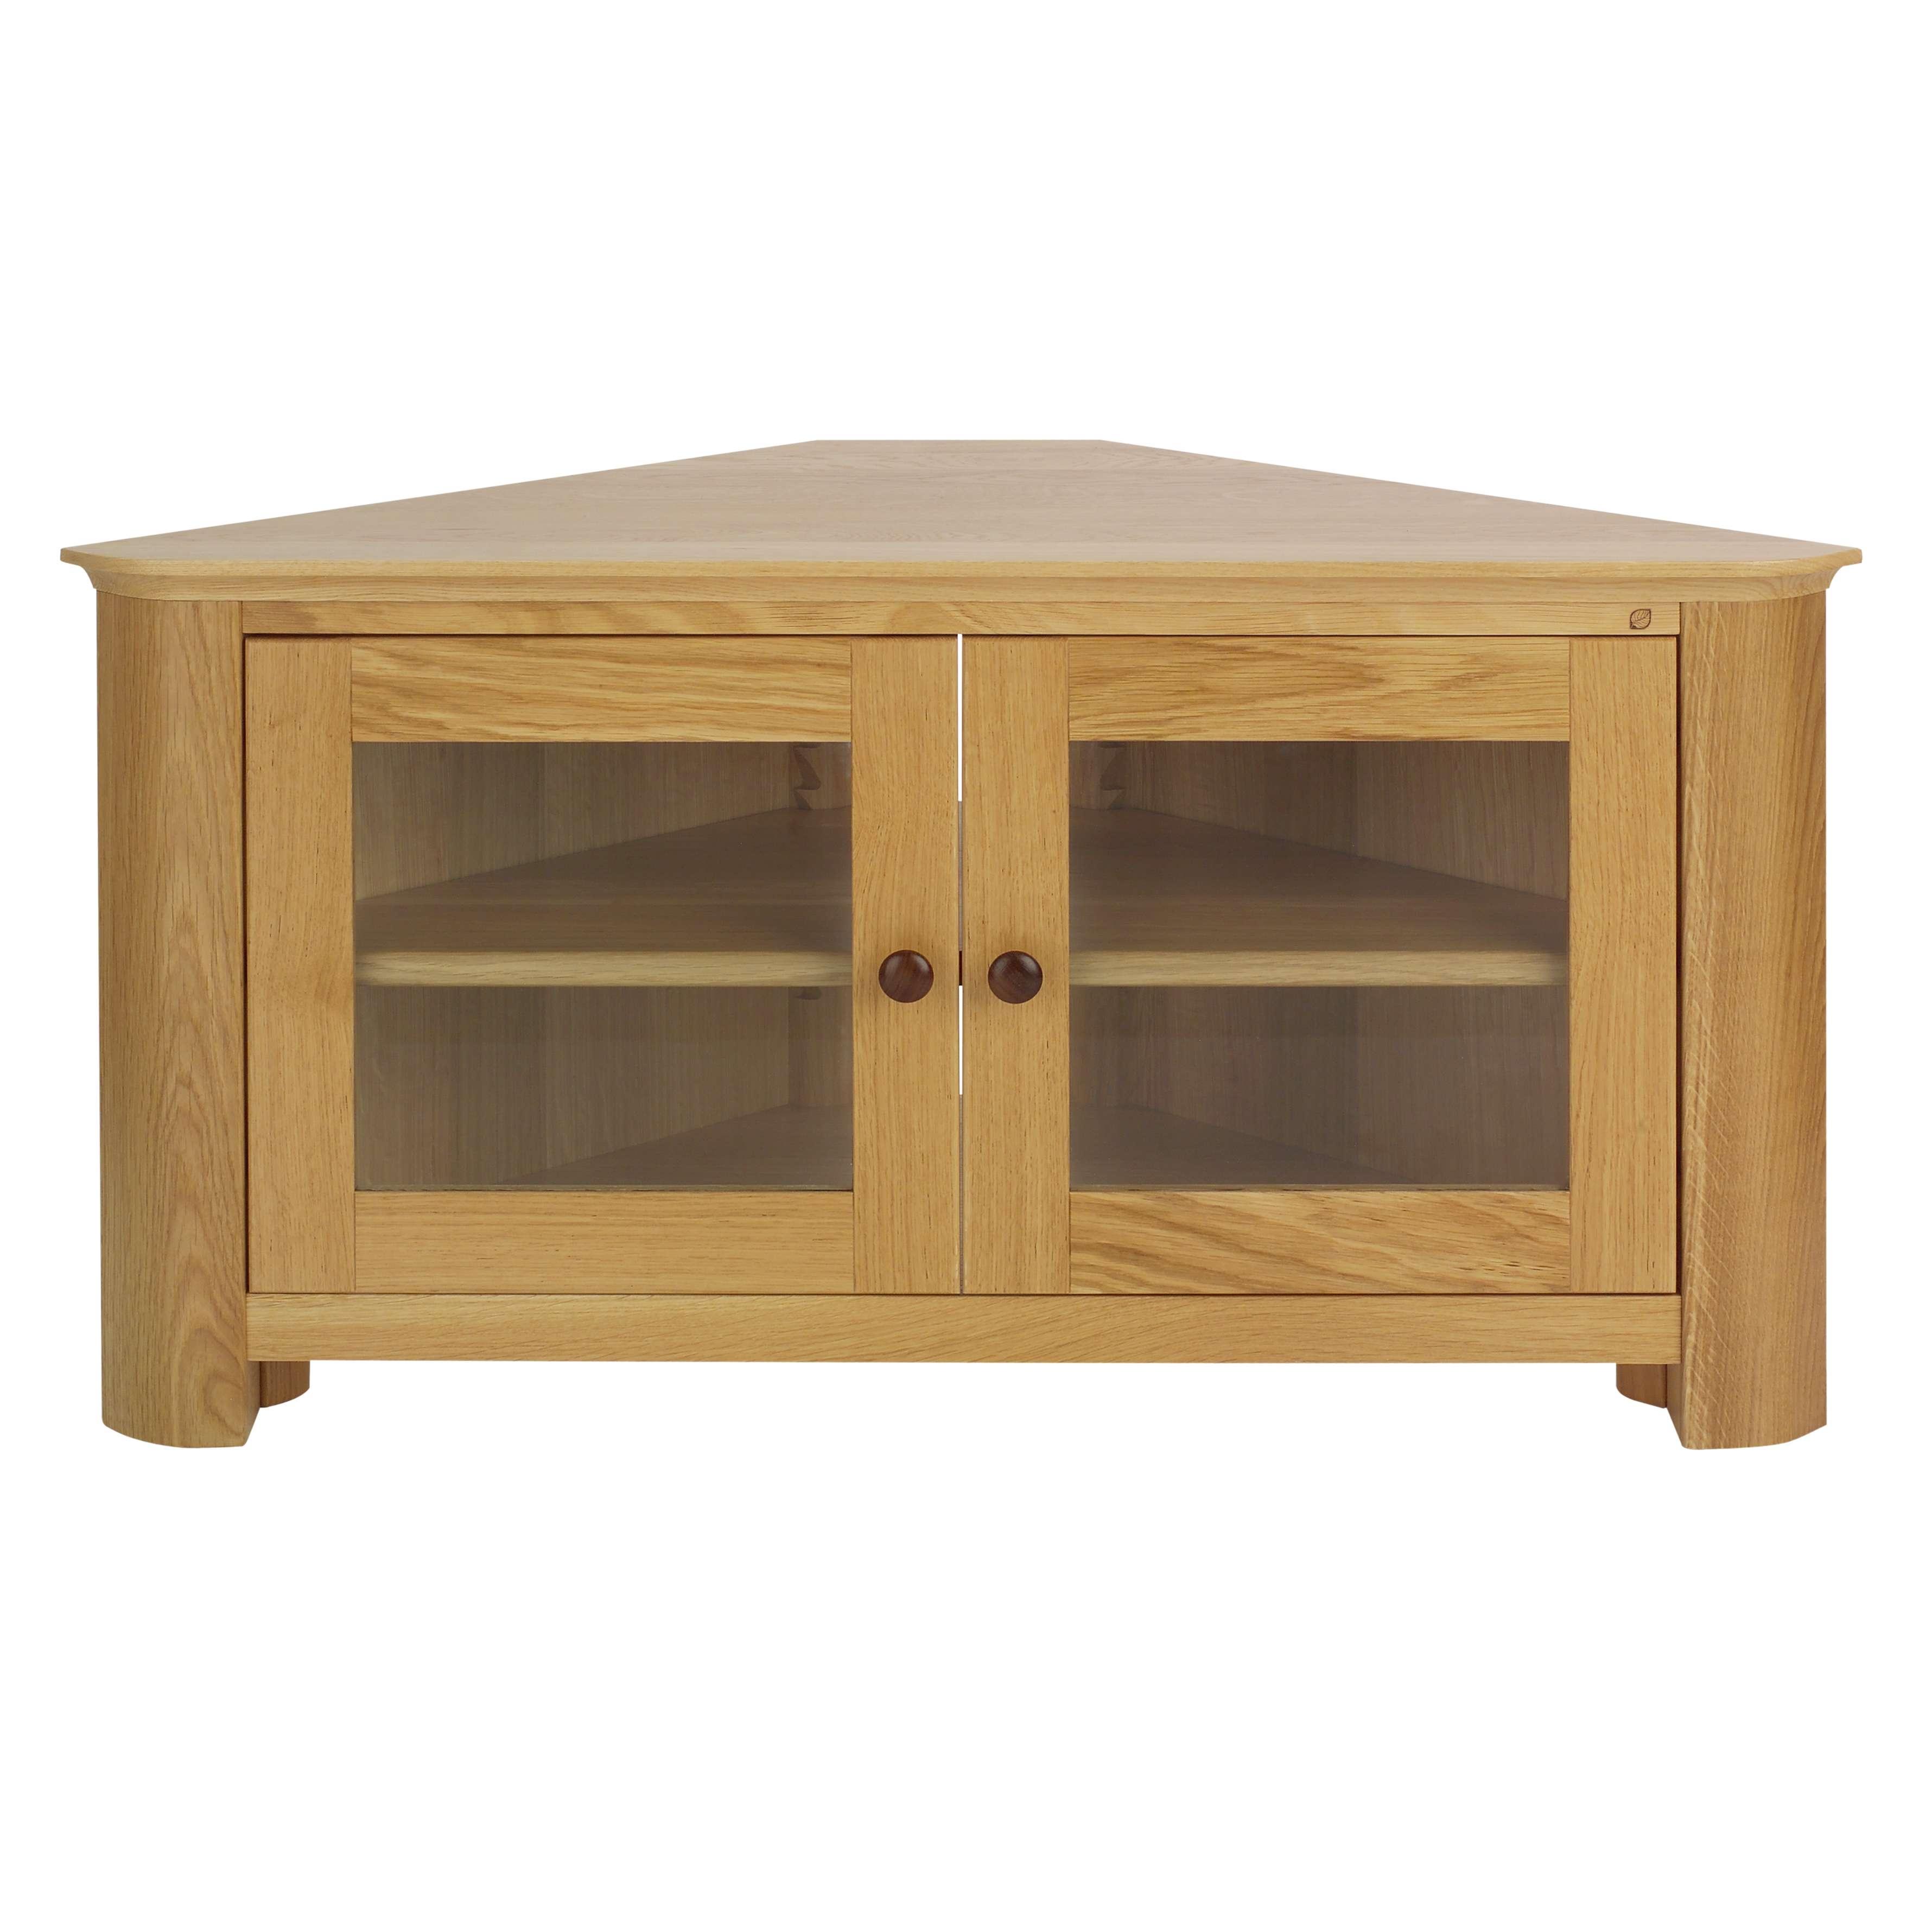 Glass Tv Cabinet With Doors Gallery – Doors Design Ideas Within Oak Tv Cabinets With Doors (Gallery 4 of 20)